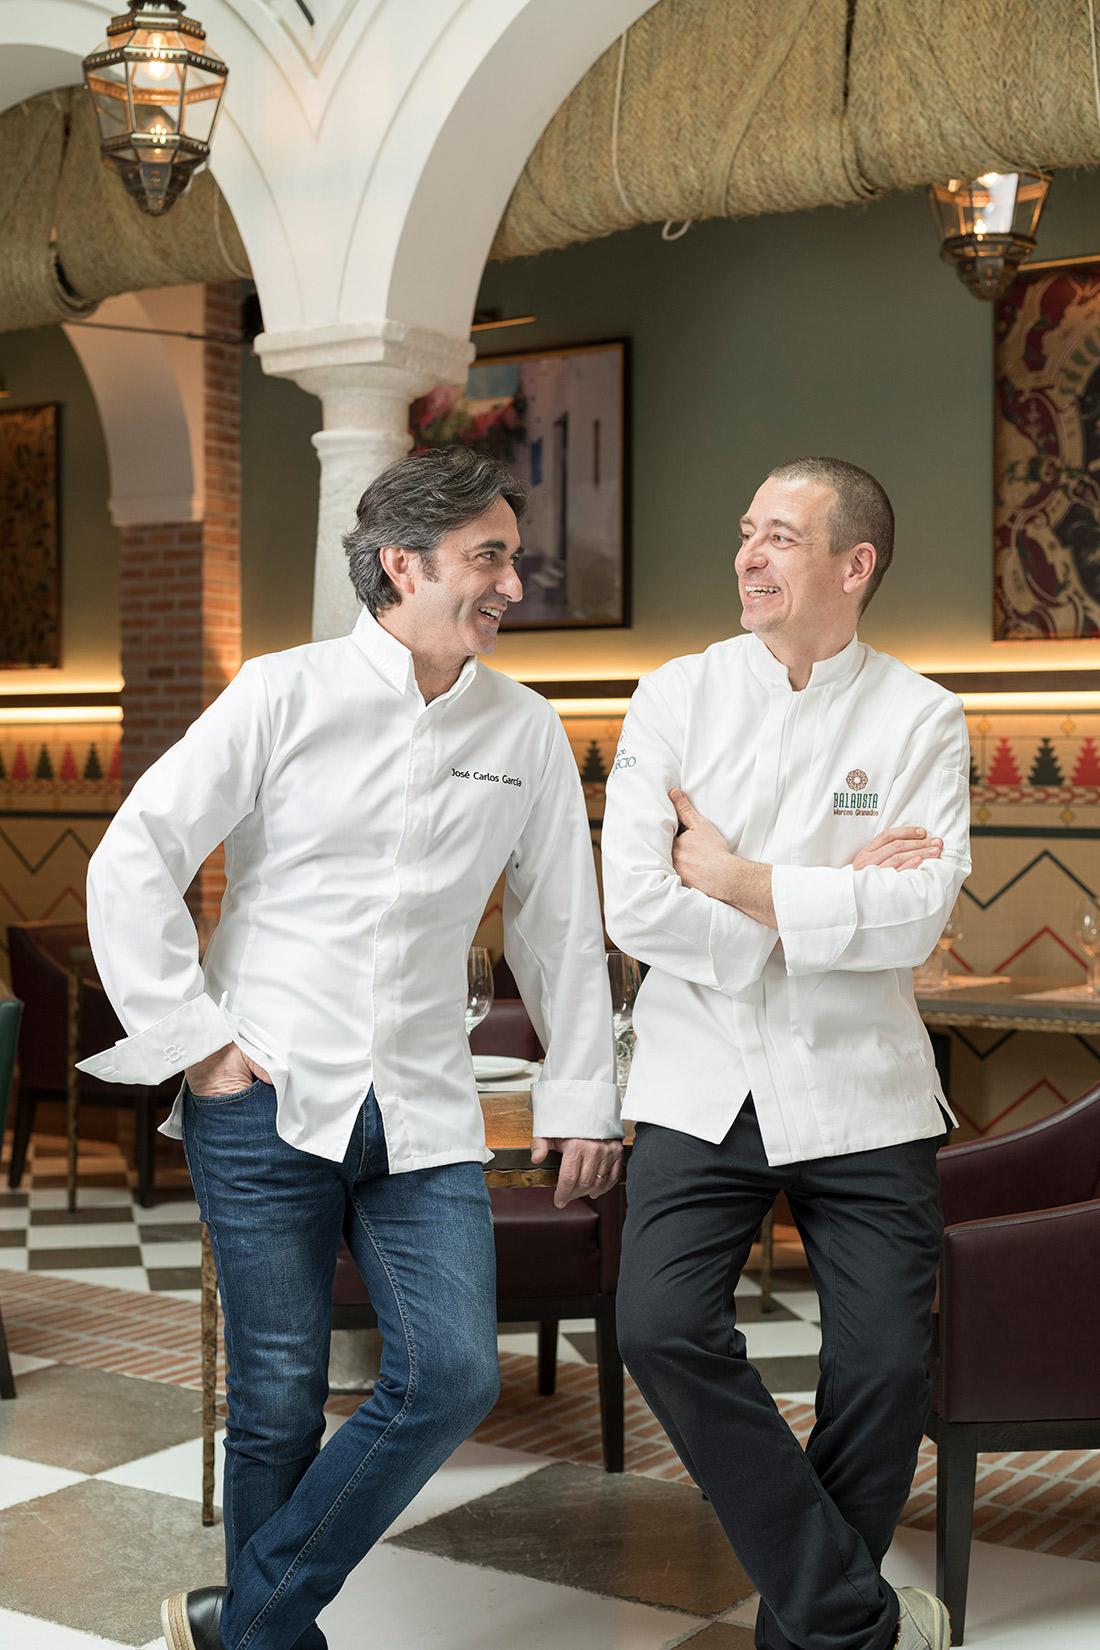 Al frente de nuestra cocina se encuentran el chef con Estrella Michelín, José Carlos García y nuestro jefe de cocina, Marcos Granados.